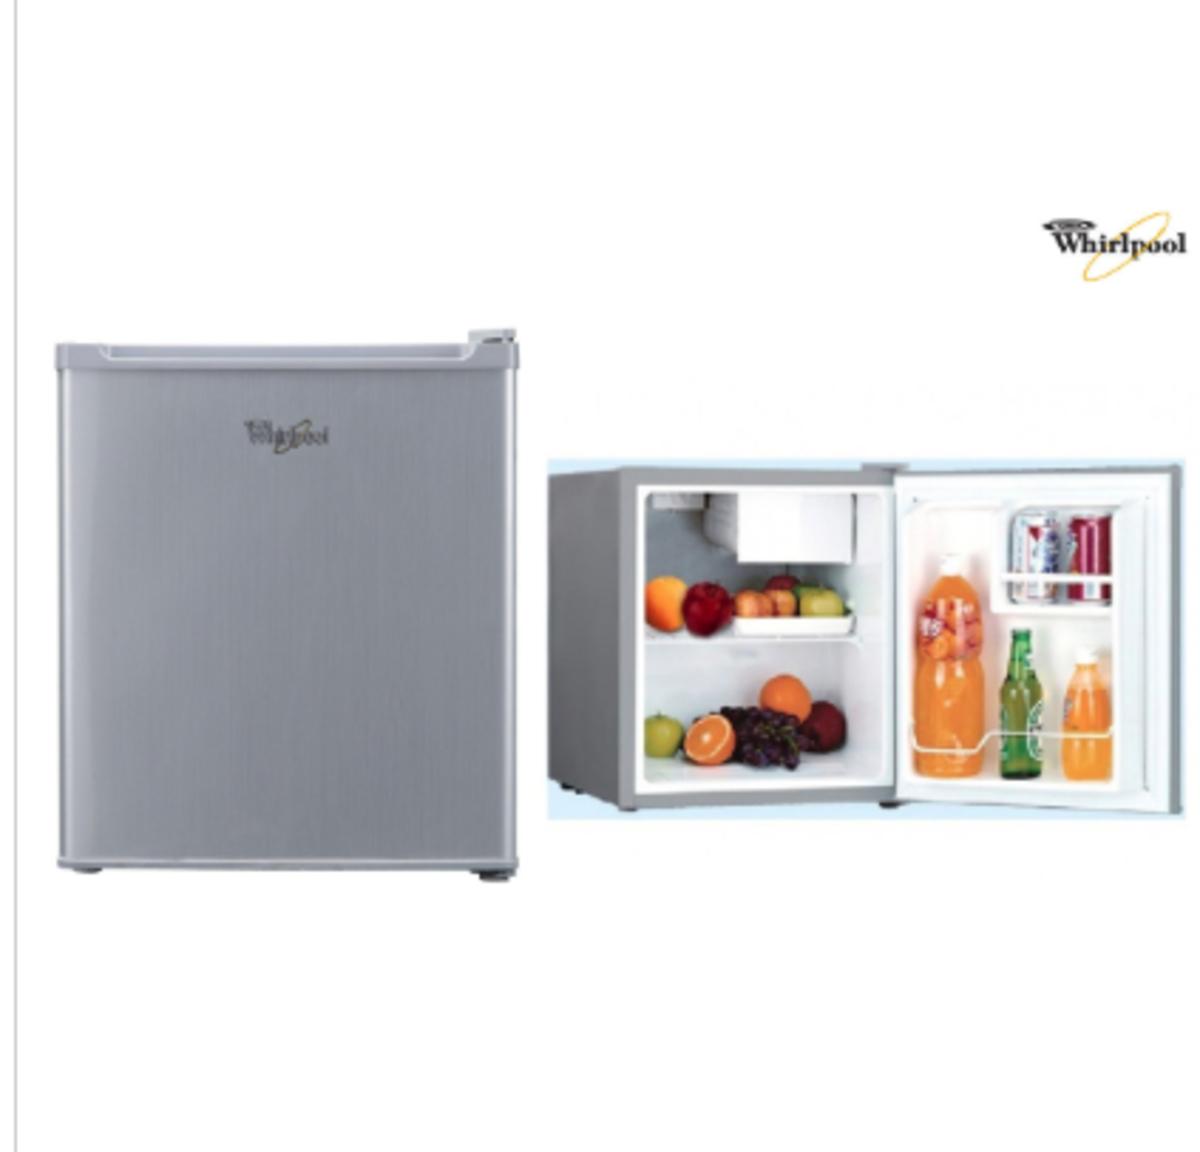 Single Door Refrigerator 43L (WF1D041RXG)